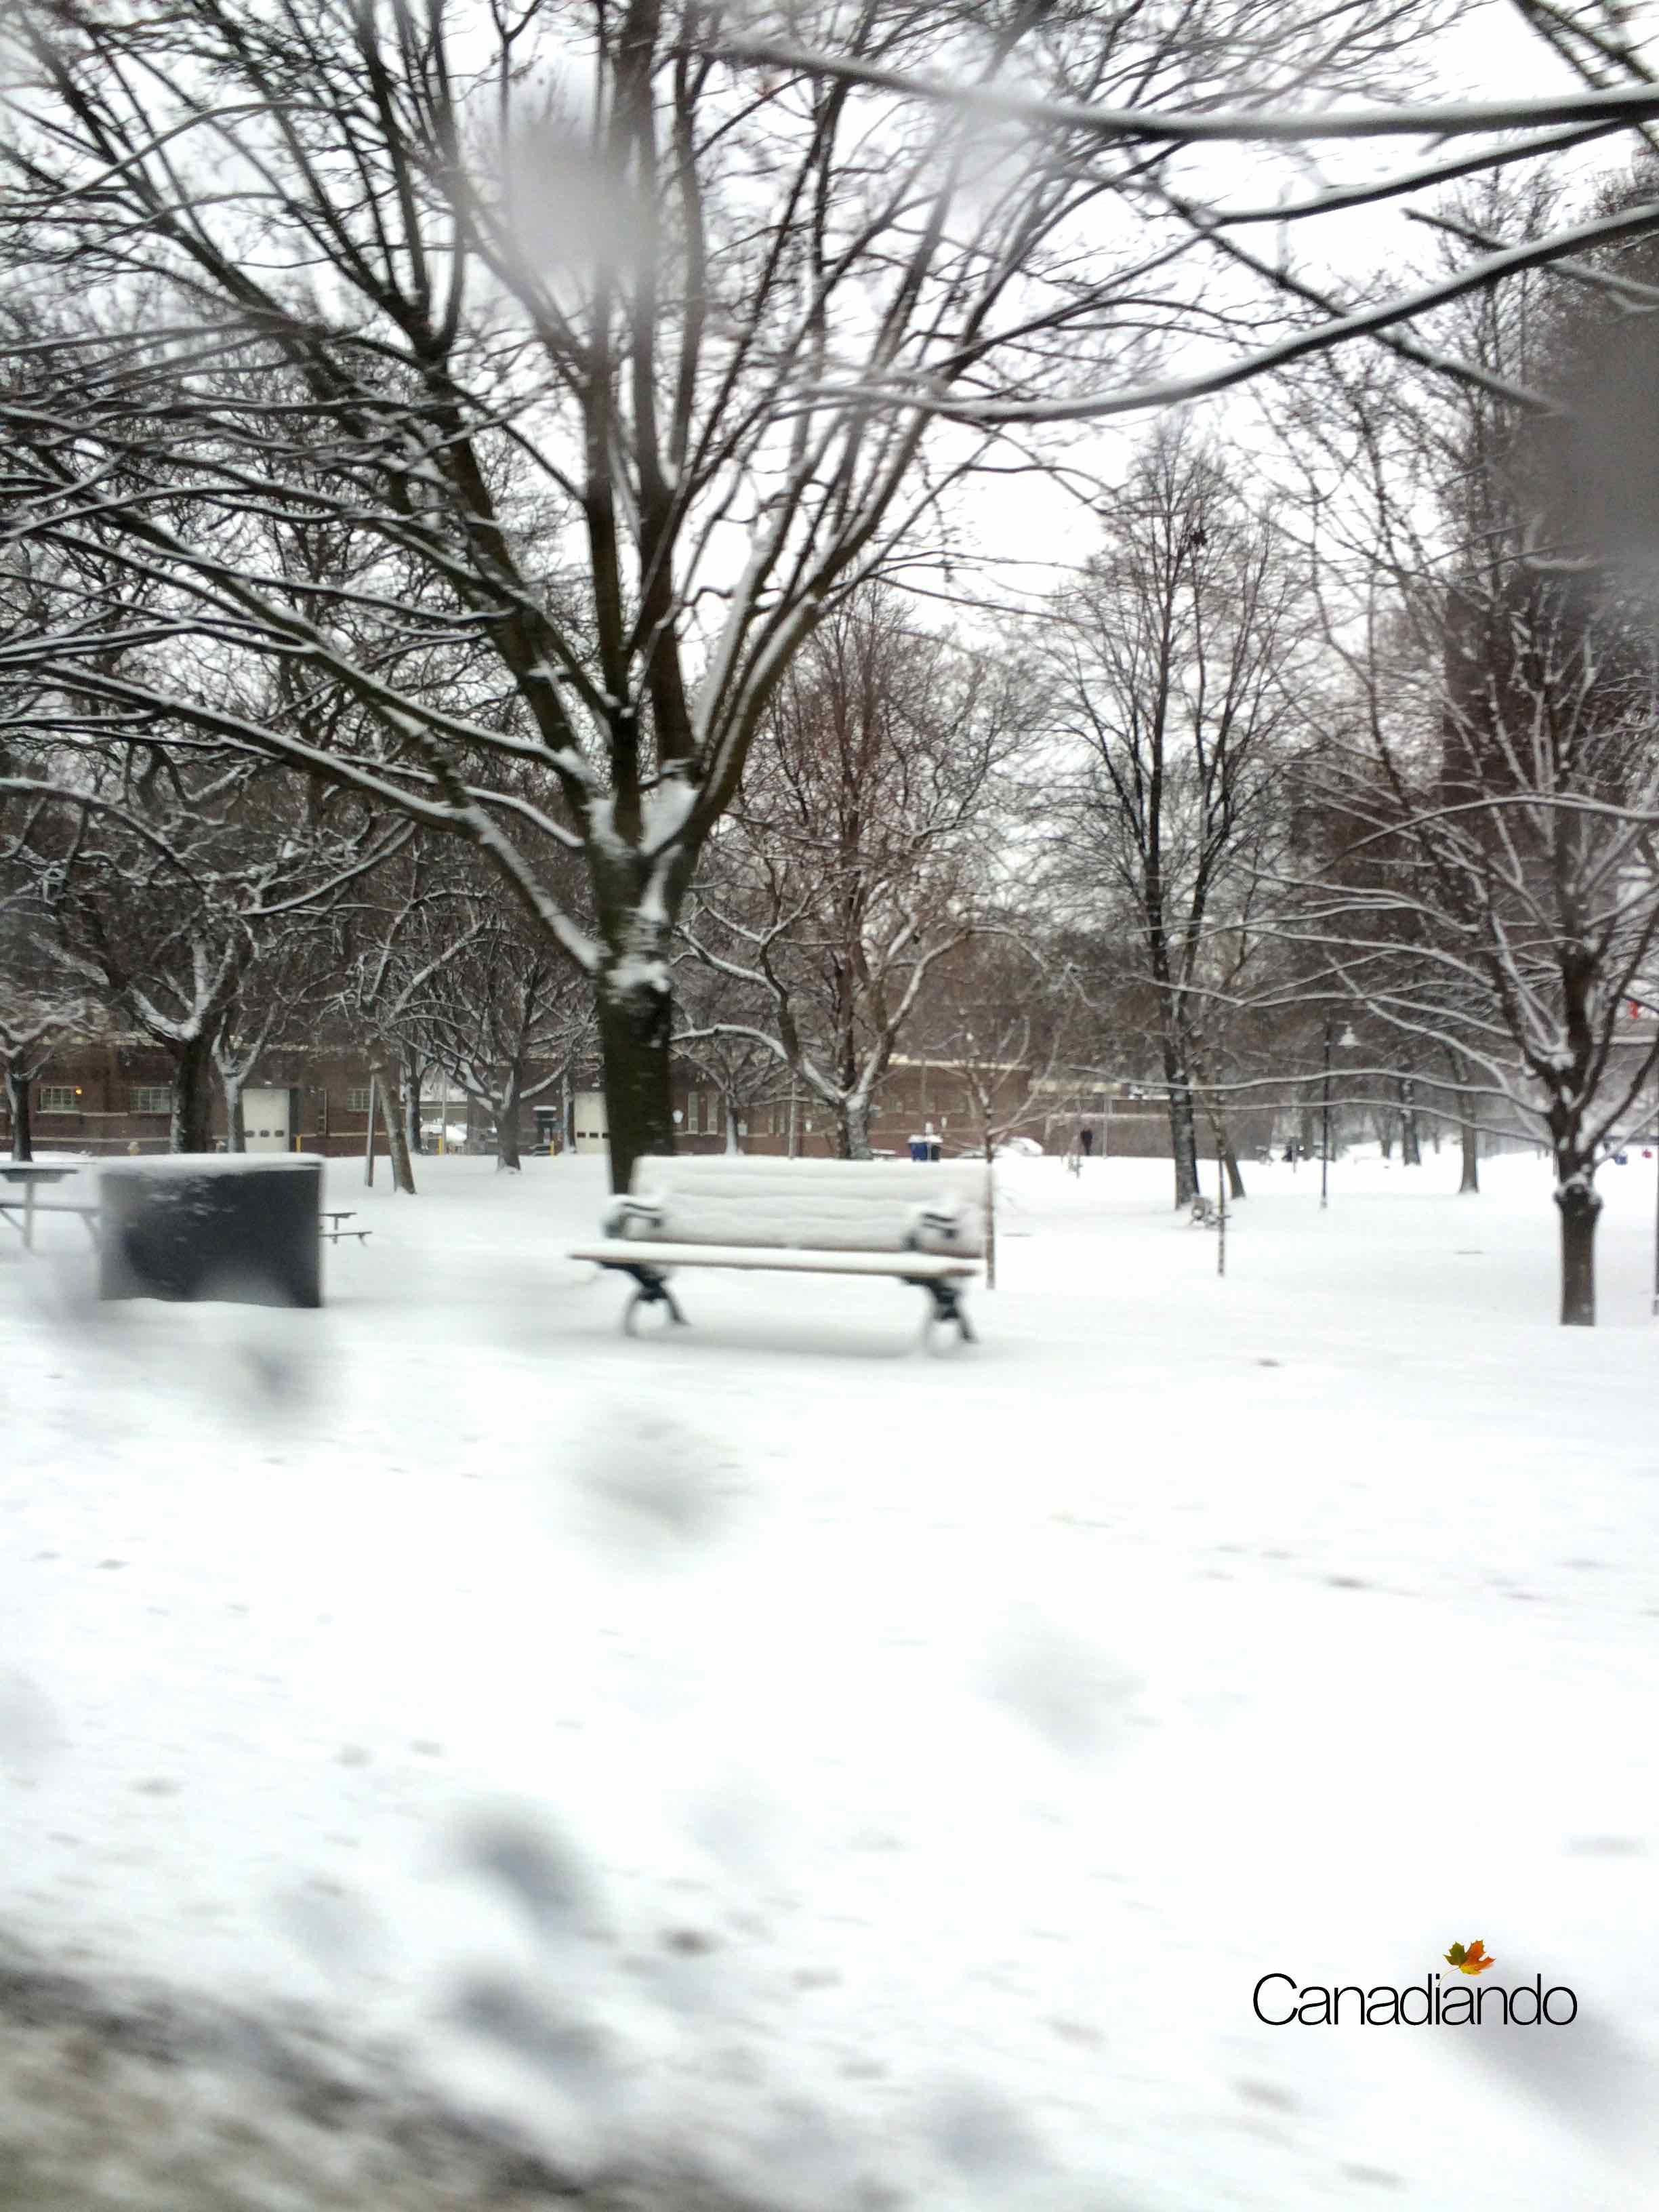 A vida continua, ainda que com neve.